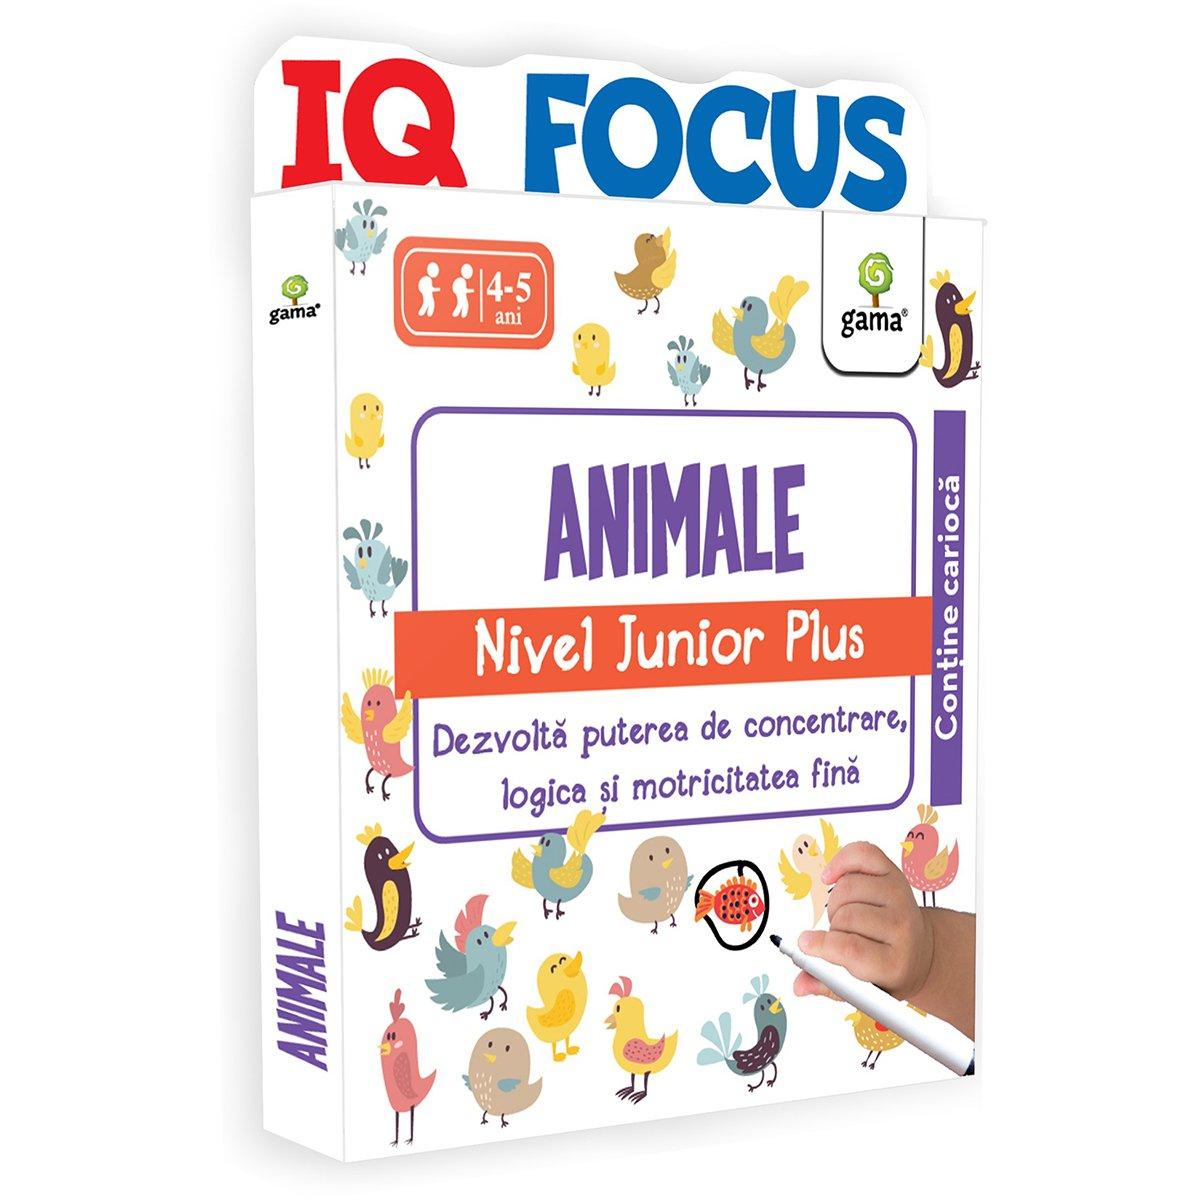 Editura Gama, Animale, Nivel Junior Plus